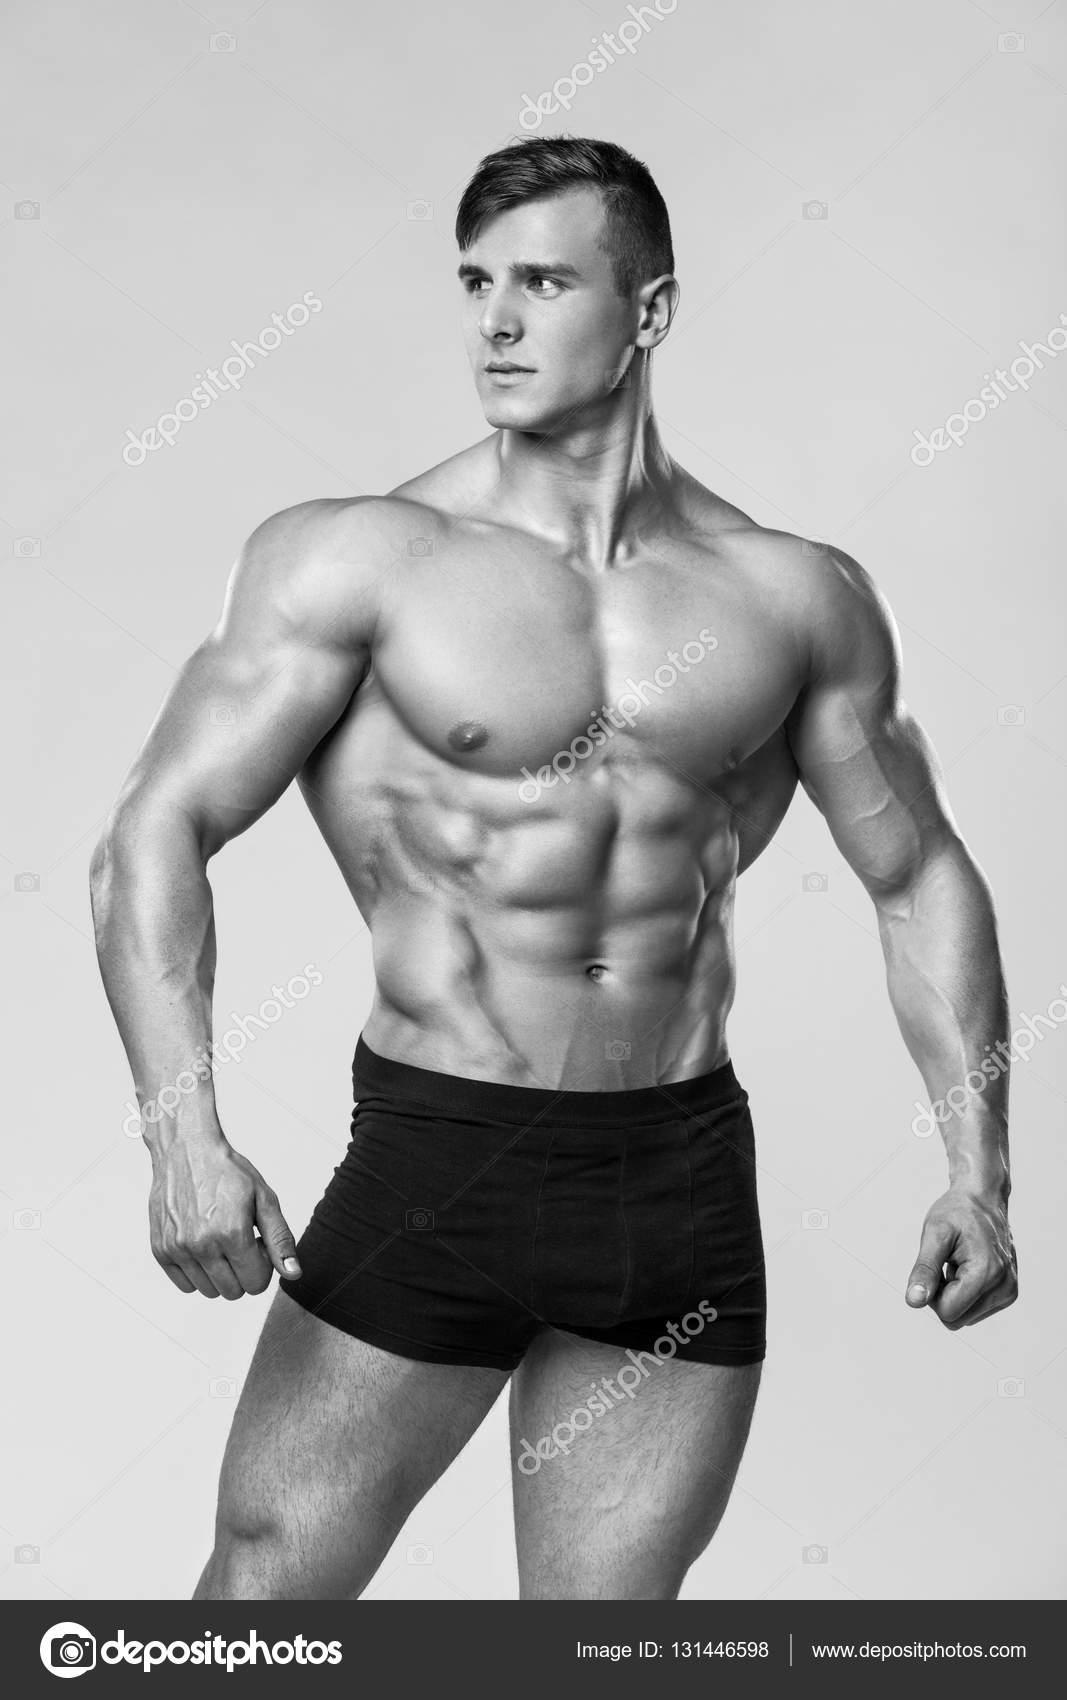 a2ae5fe7b6 Modelo de fitness hombre sexy en ropa interior. Torso desnudo masculino  fuerte abs — Foto